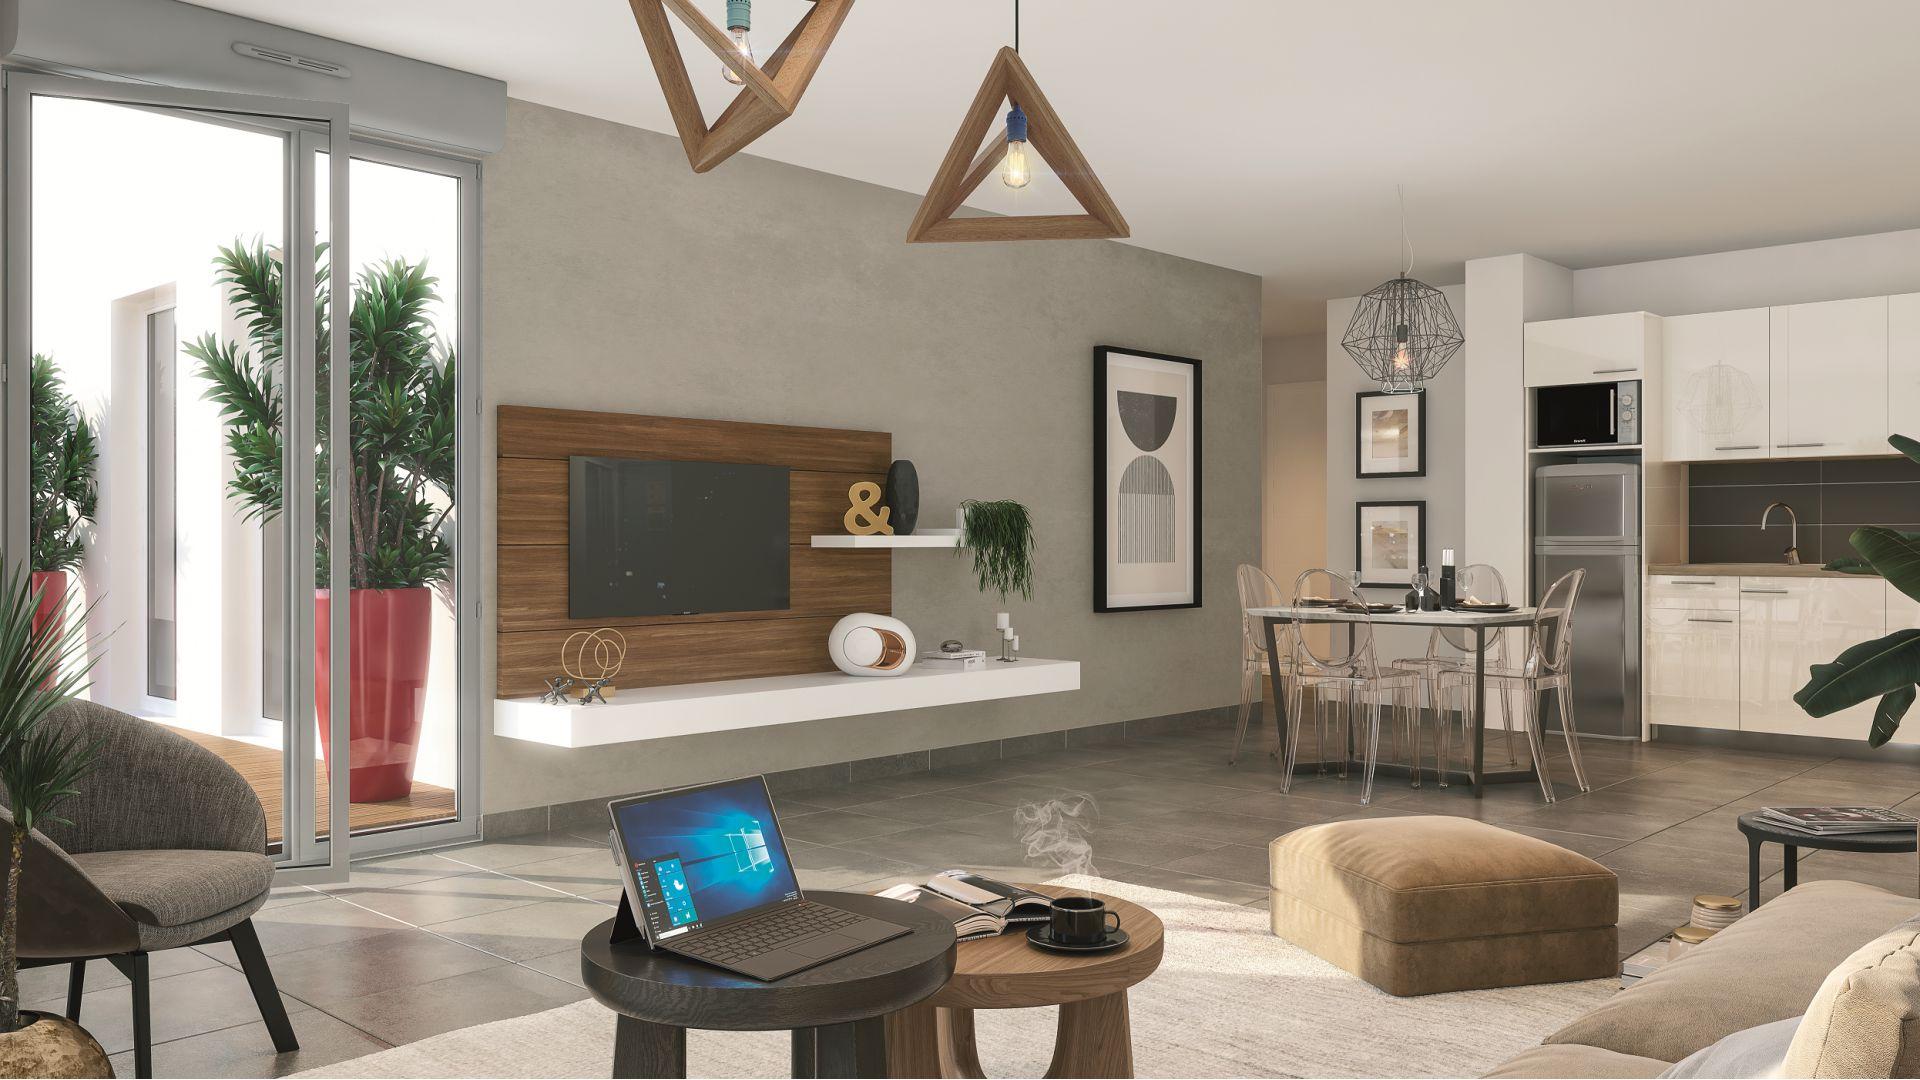 GreenCity immobilier - Frouzins - Résidence l'Aiguillon - 31270 - appartements neufs du T2 au T3  - vue intérieure